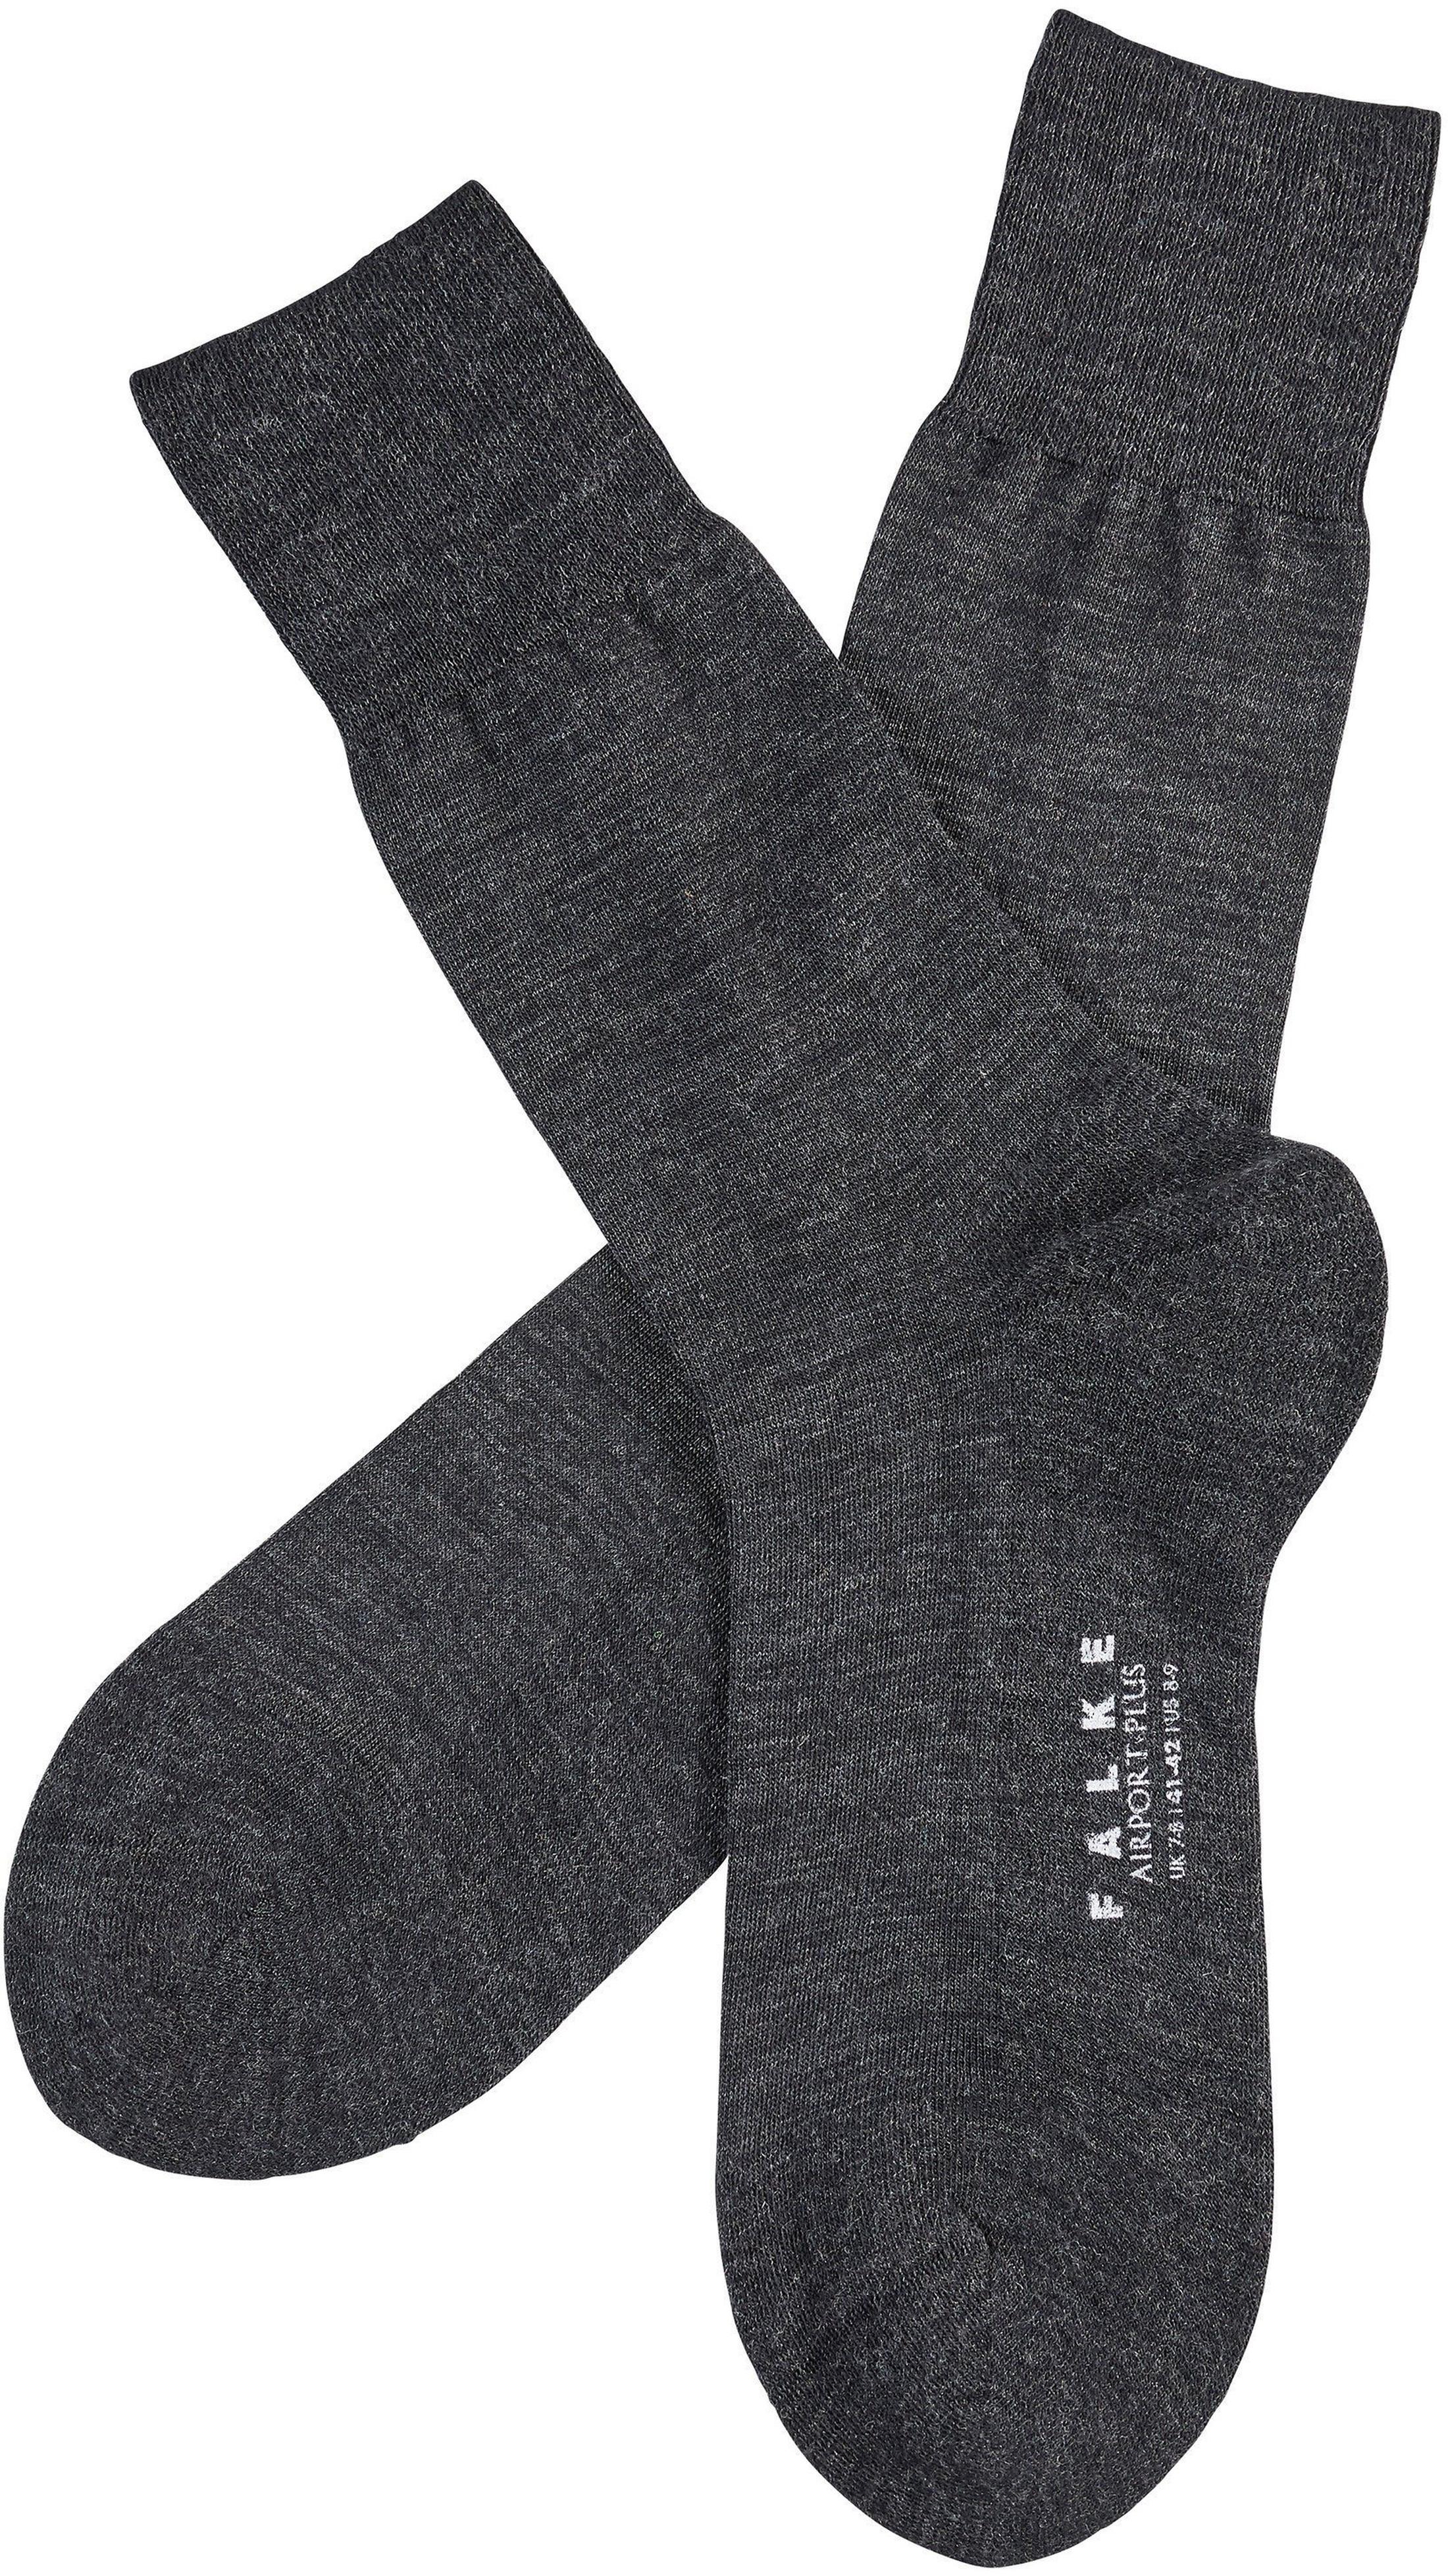 FALKE Airport PLUS Sockken Antra / Asphalt 3080